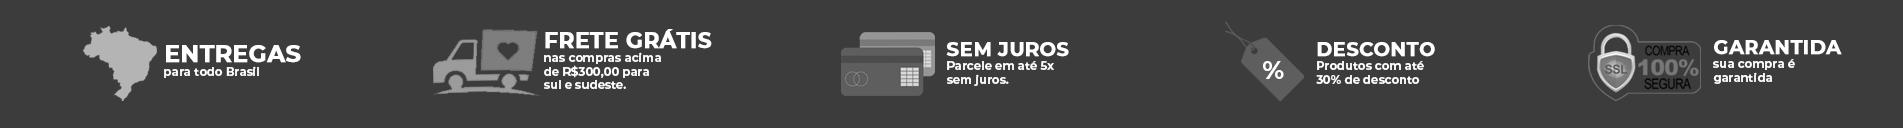 aproveite as vantagens de comprar on line na madermac.com.br